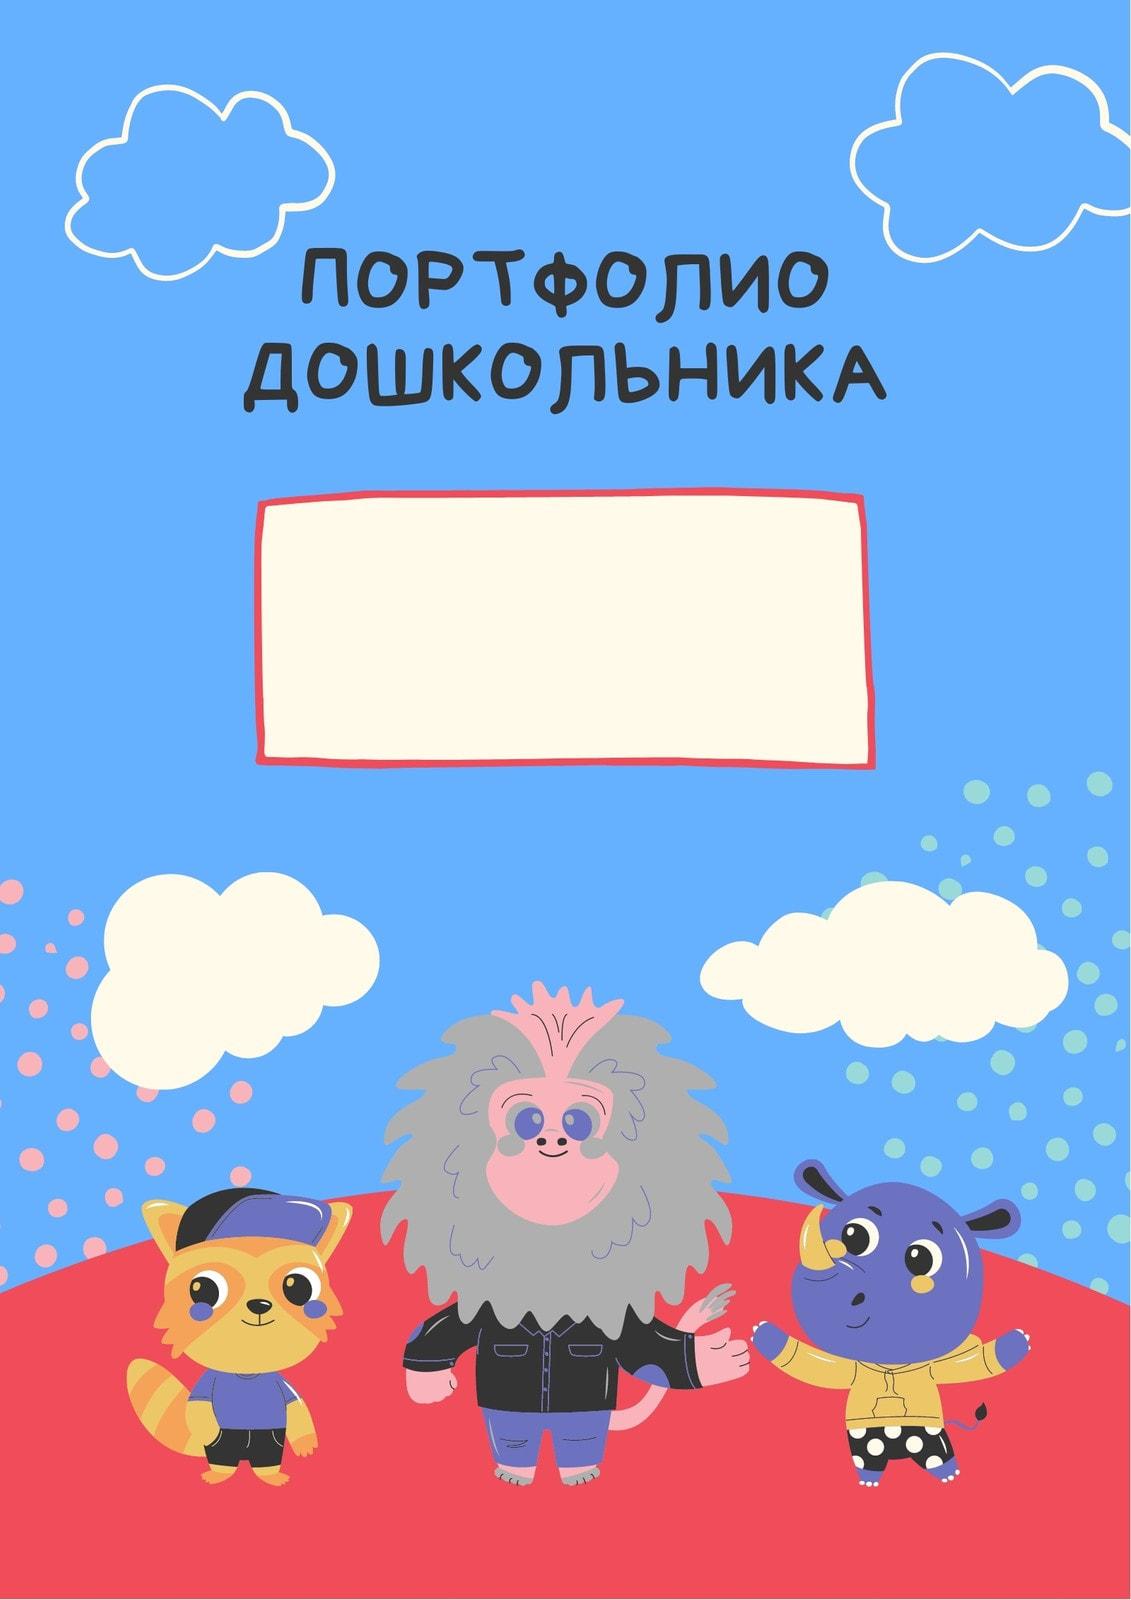 Голубое и красное портфолио дошкольника с детскими персонажами животных